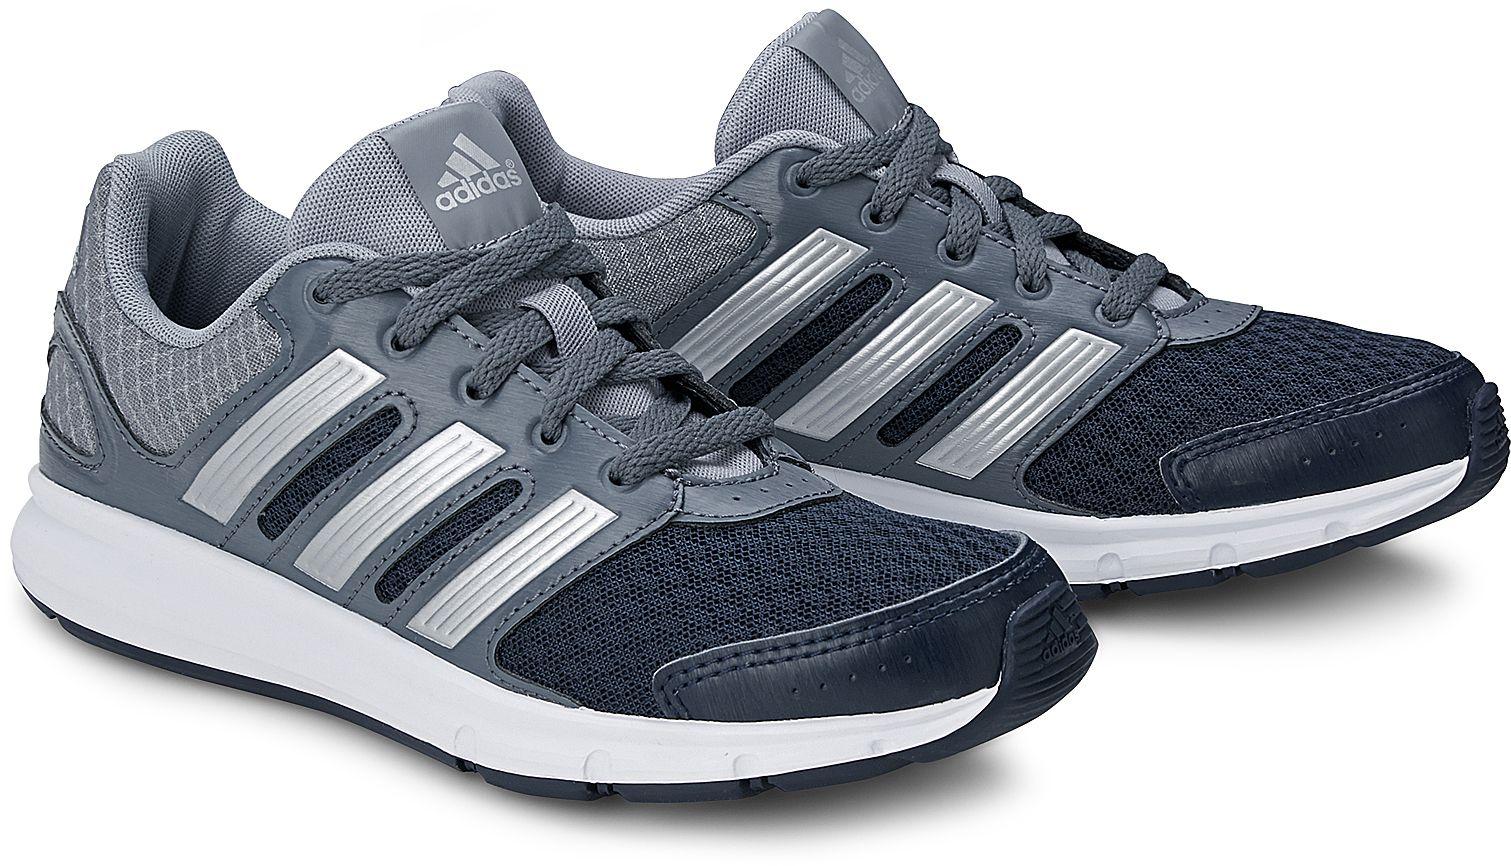 Original Adidas jungen schuhe gr 34